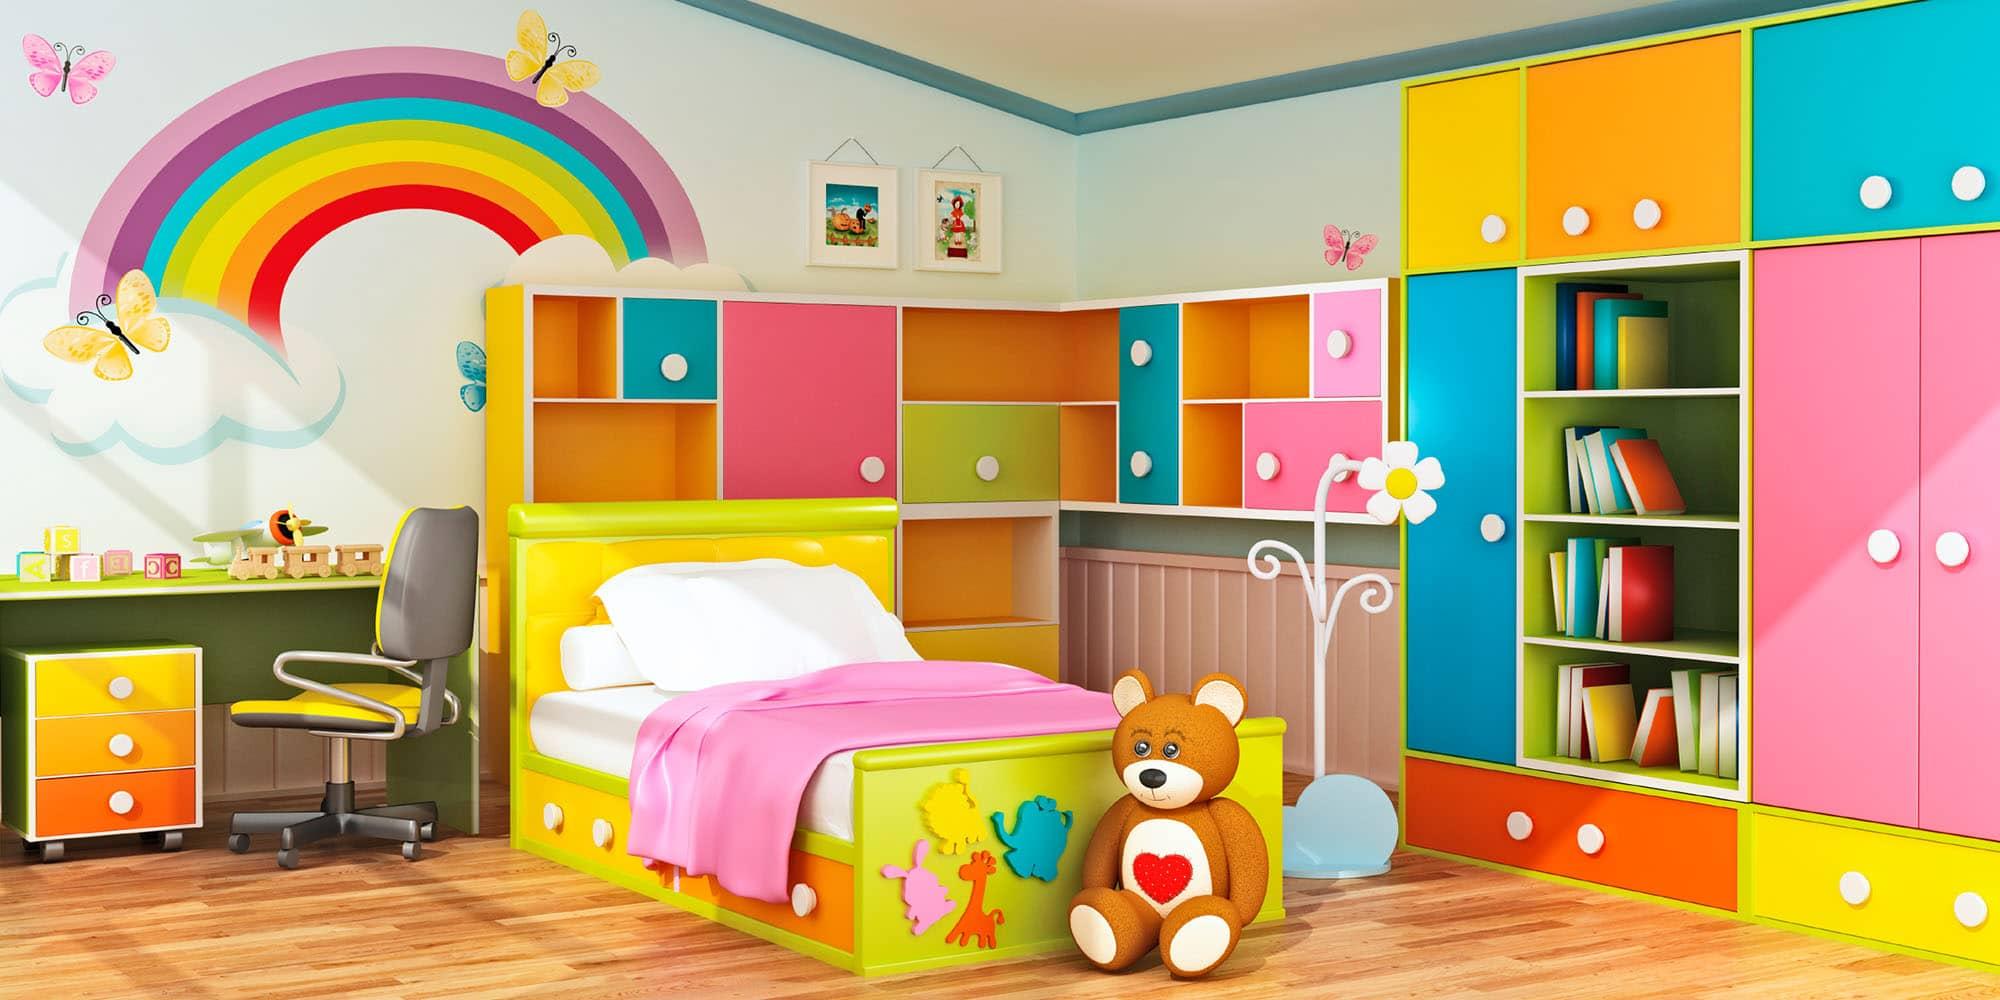 صورة غرف اطفال مودرن , تصاميم غرف مميزة 5259 6